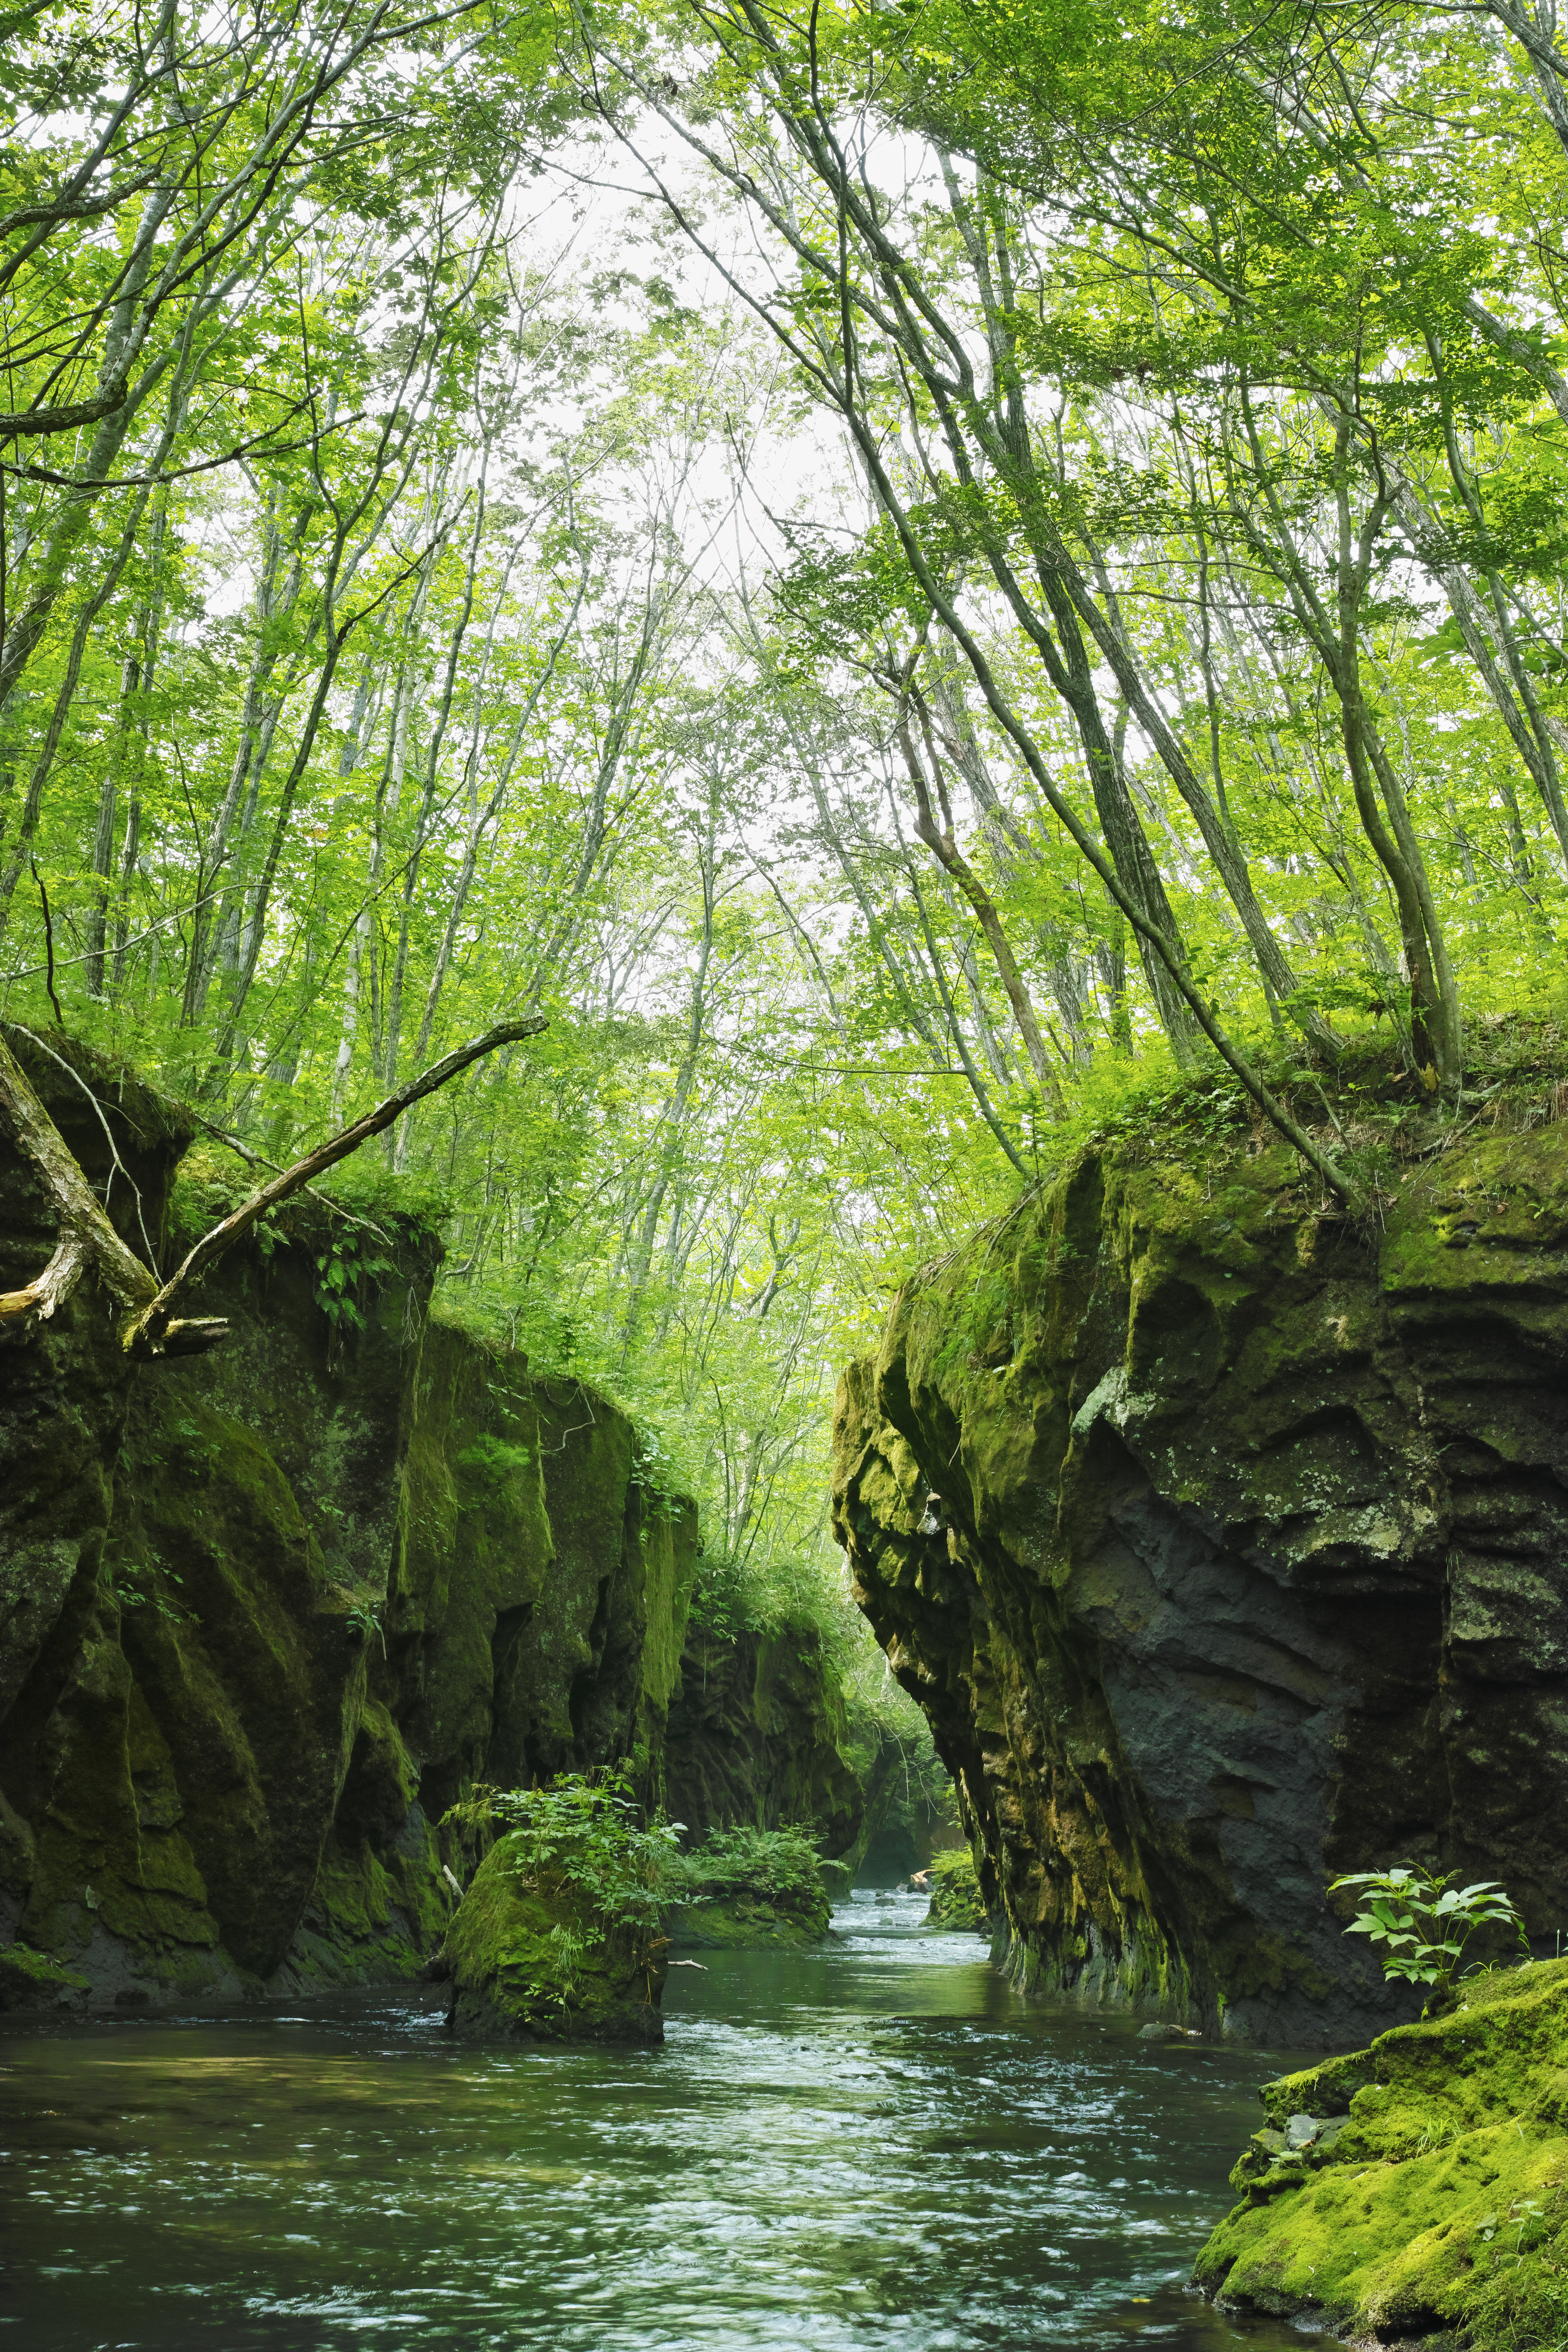 冷たい沢に腰まで浸かりながら渓谷を撮影。岩肌と空へと伸びる木々の広がりを人の視野角に近い構図で捉えた。ISO100 / F8 / 1/15秒